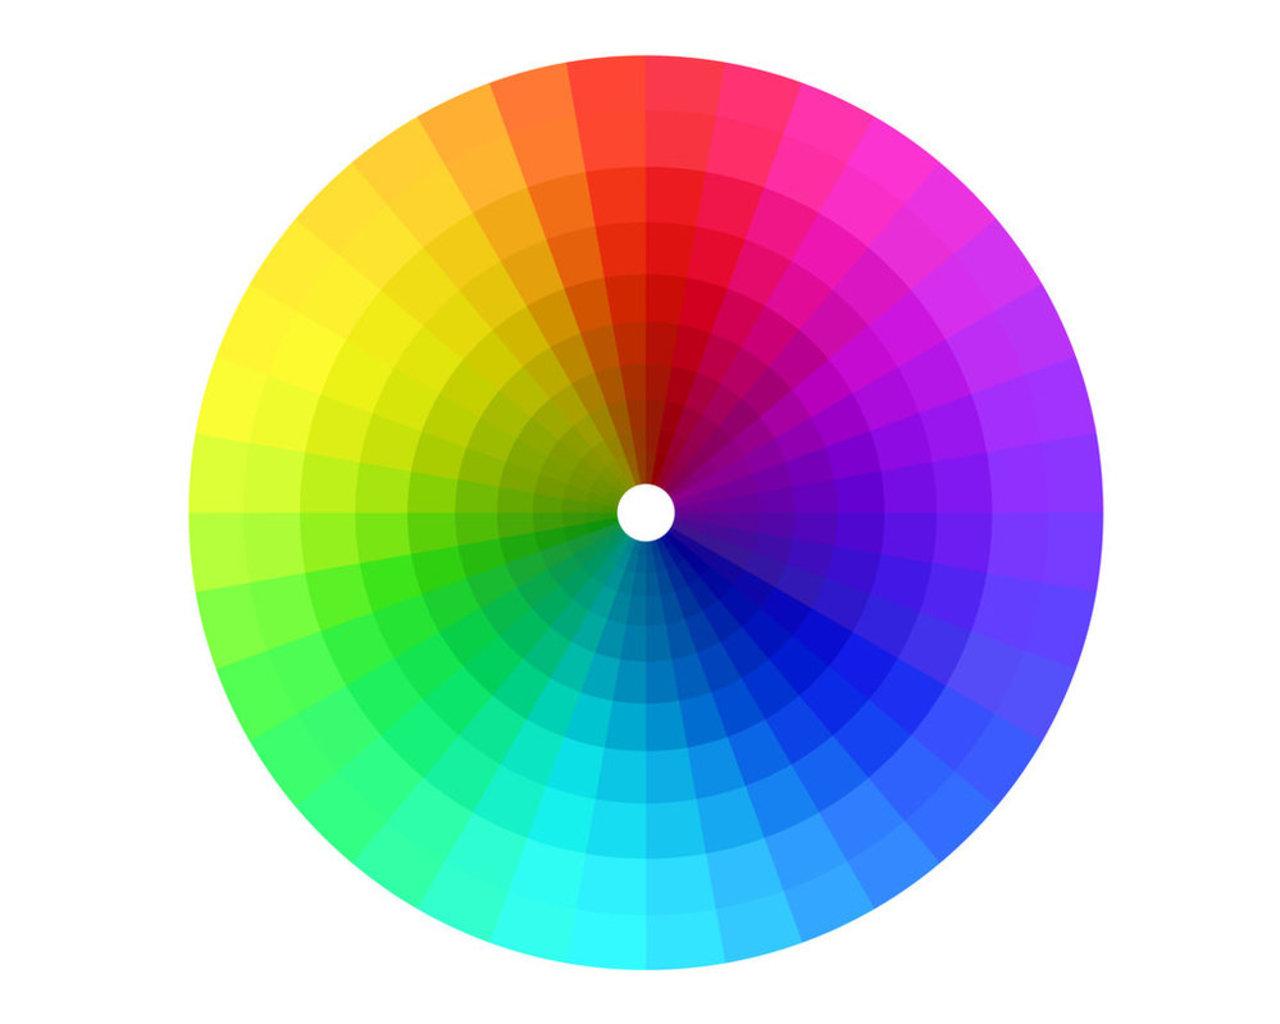 Màu sắc và hình cơ bản